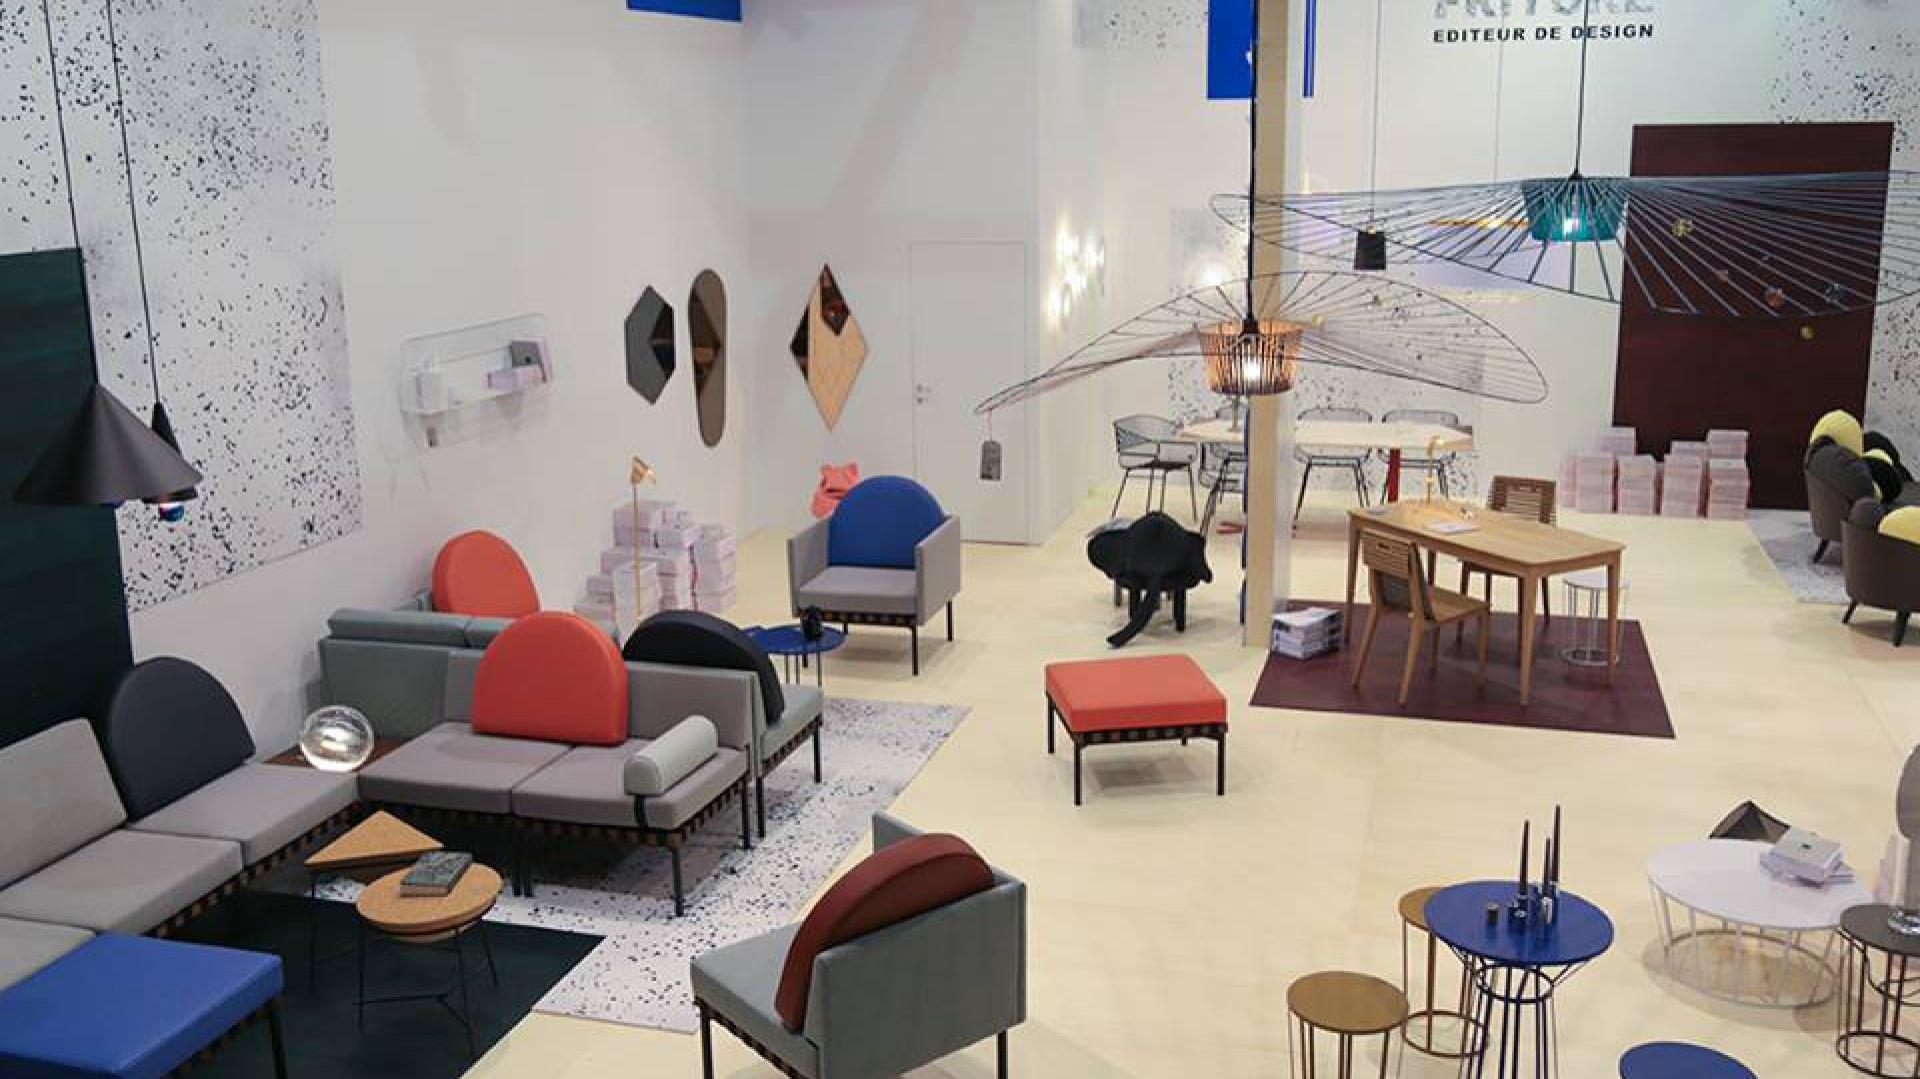 Salone del Mobile Petite Friture. Fot. Materiały prasowe